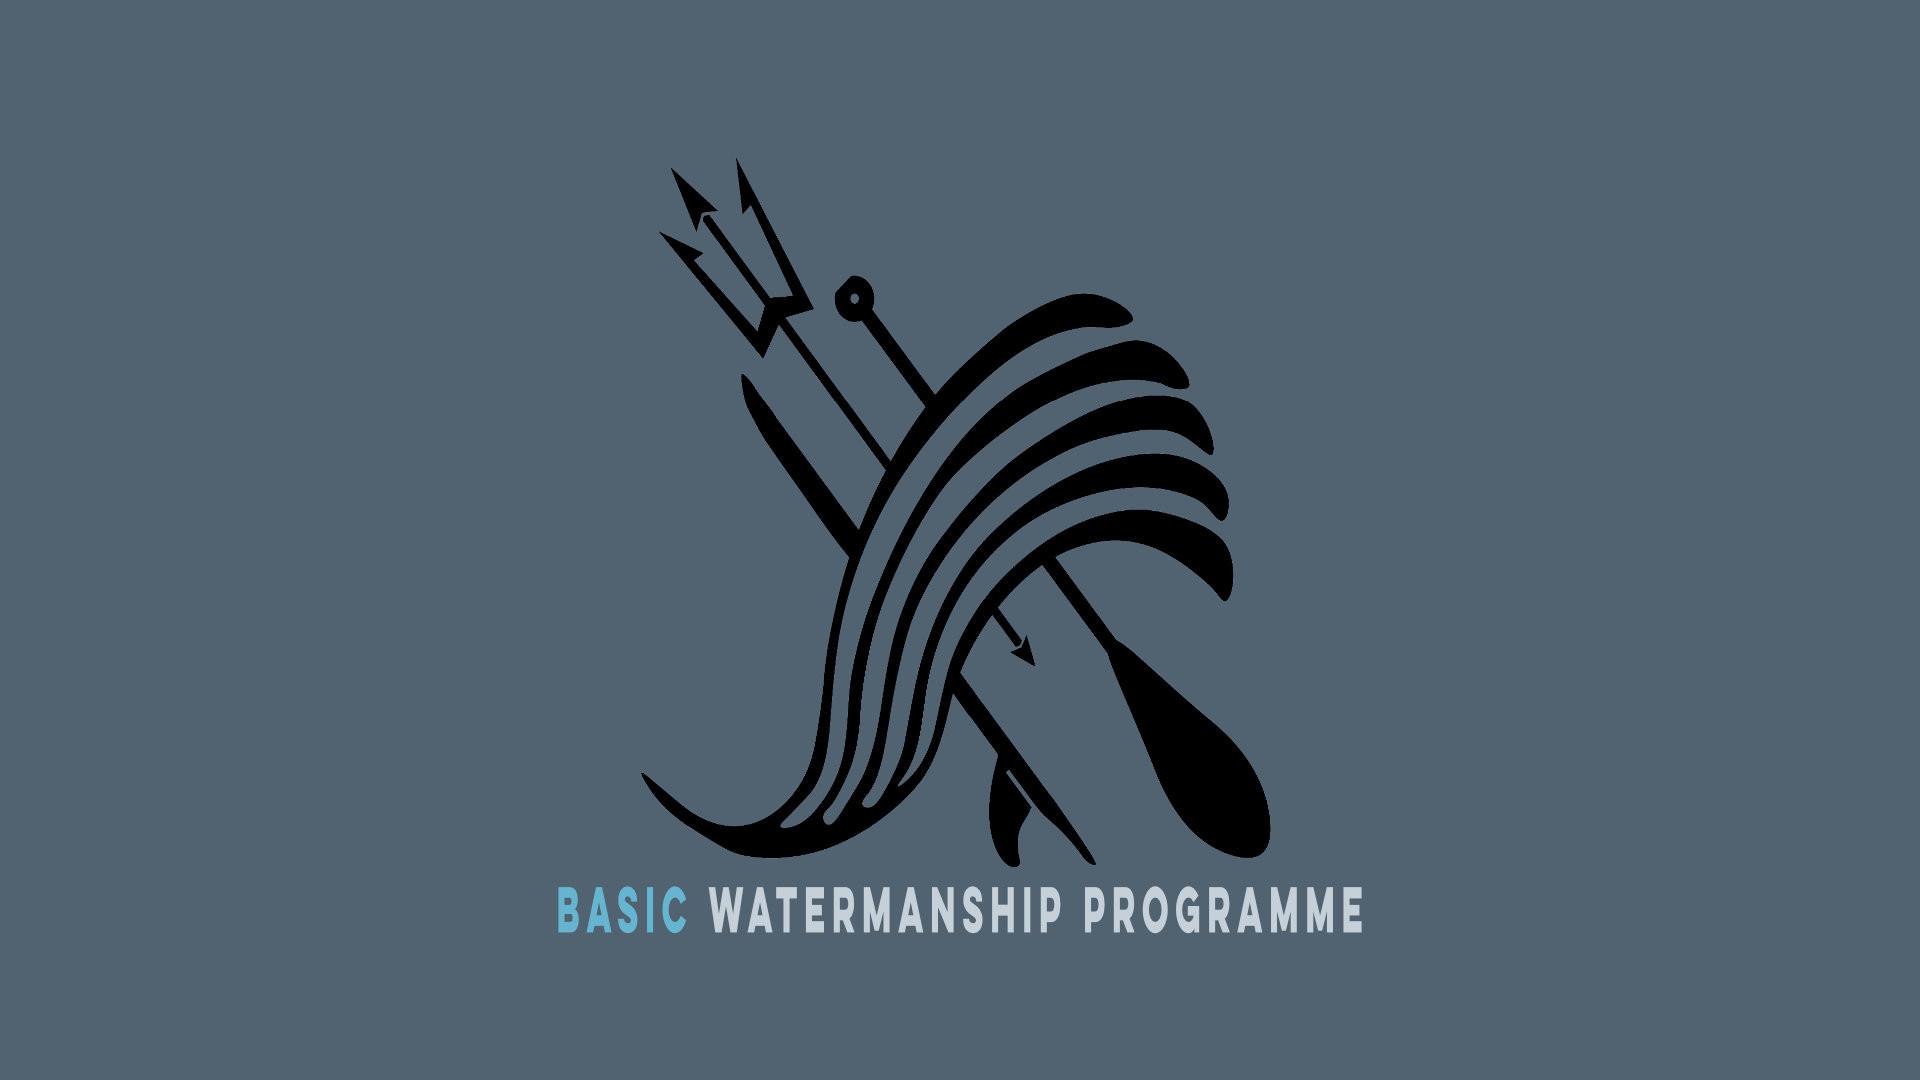 Basic Watermanship Programme